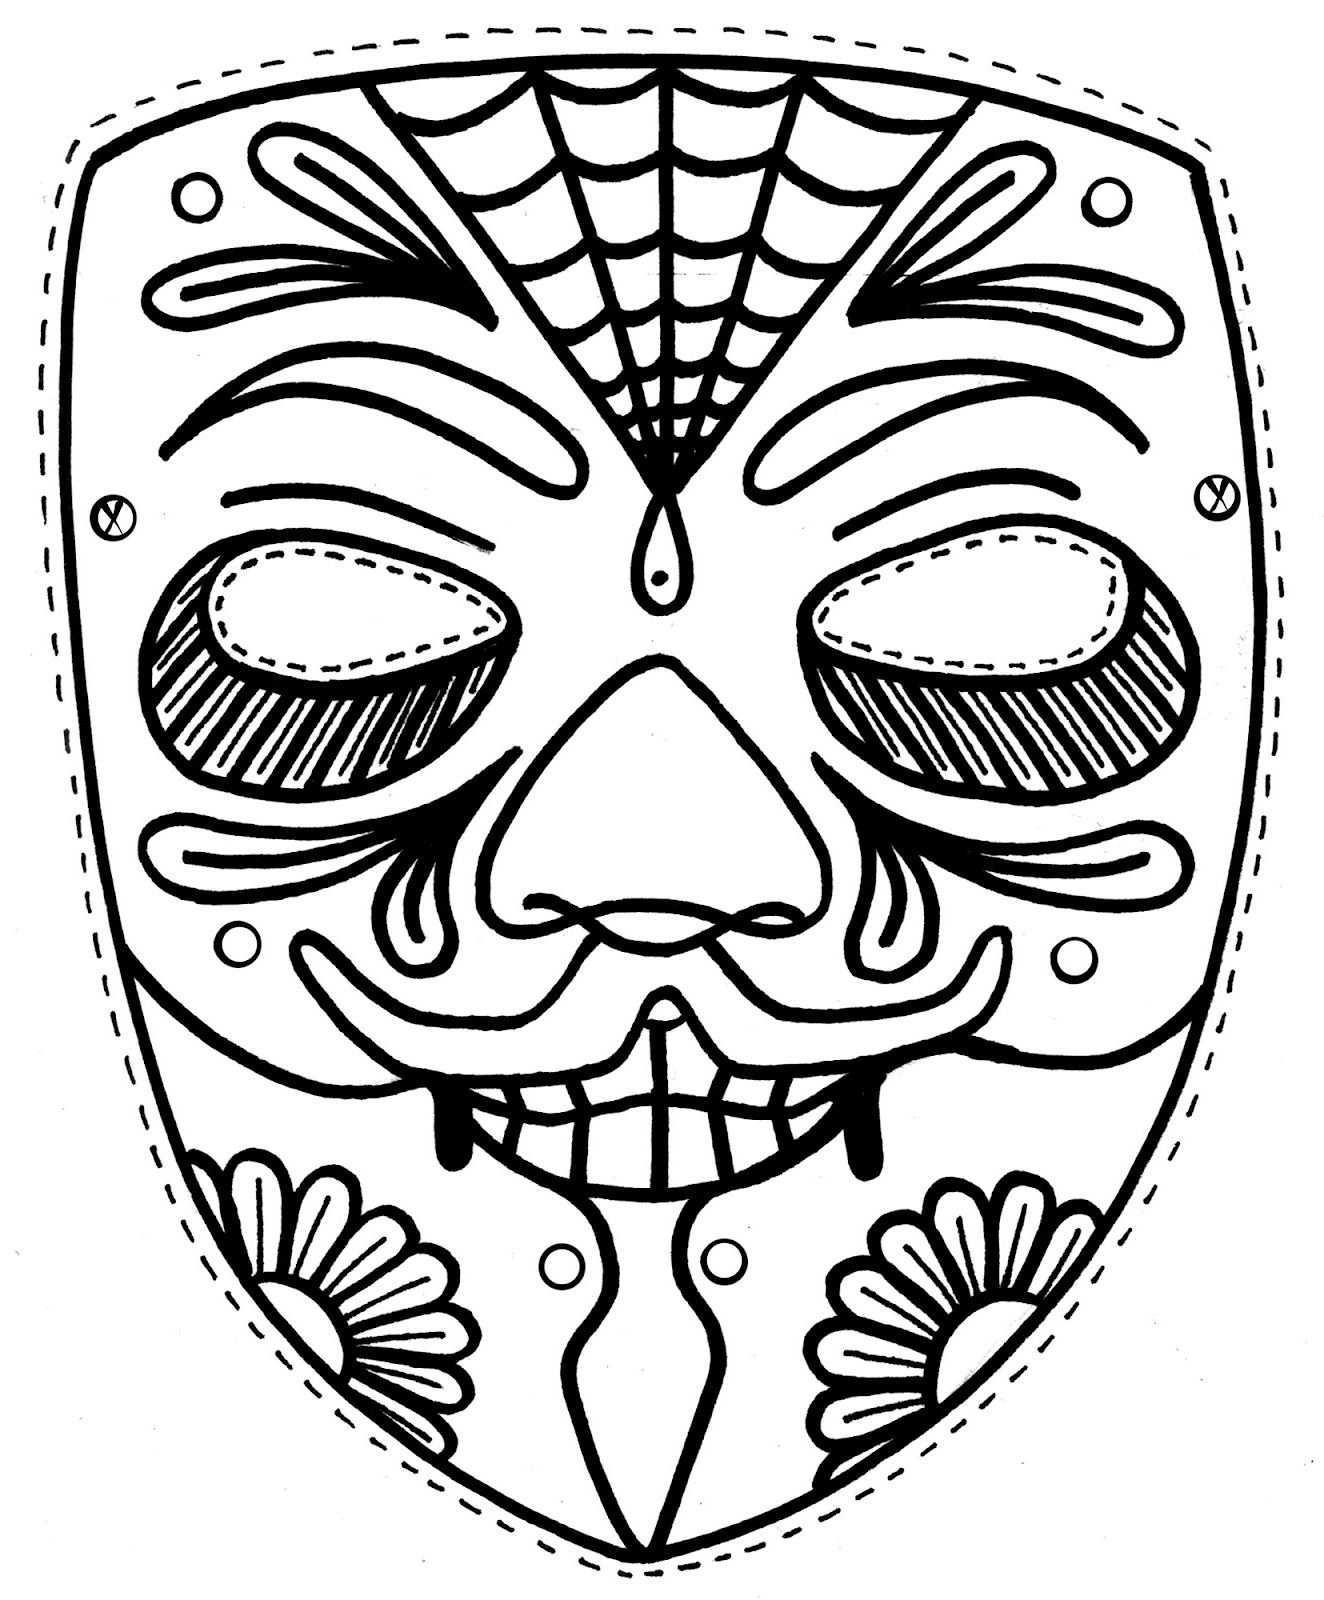 Halloween Maske Basteln 20 Schablonen Zum Ausdrucken Bastelideen Diy Halloween Zenideen Halloween Masken Basteln Masken Basteln Schablonen Zum Ausdrucken